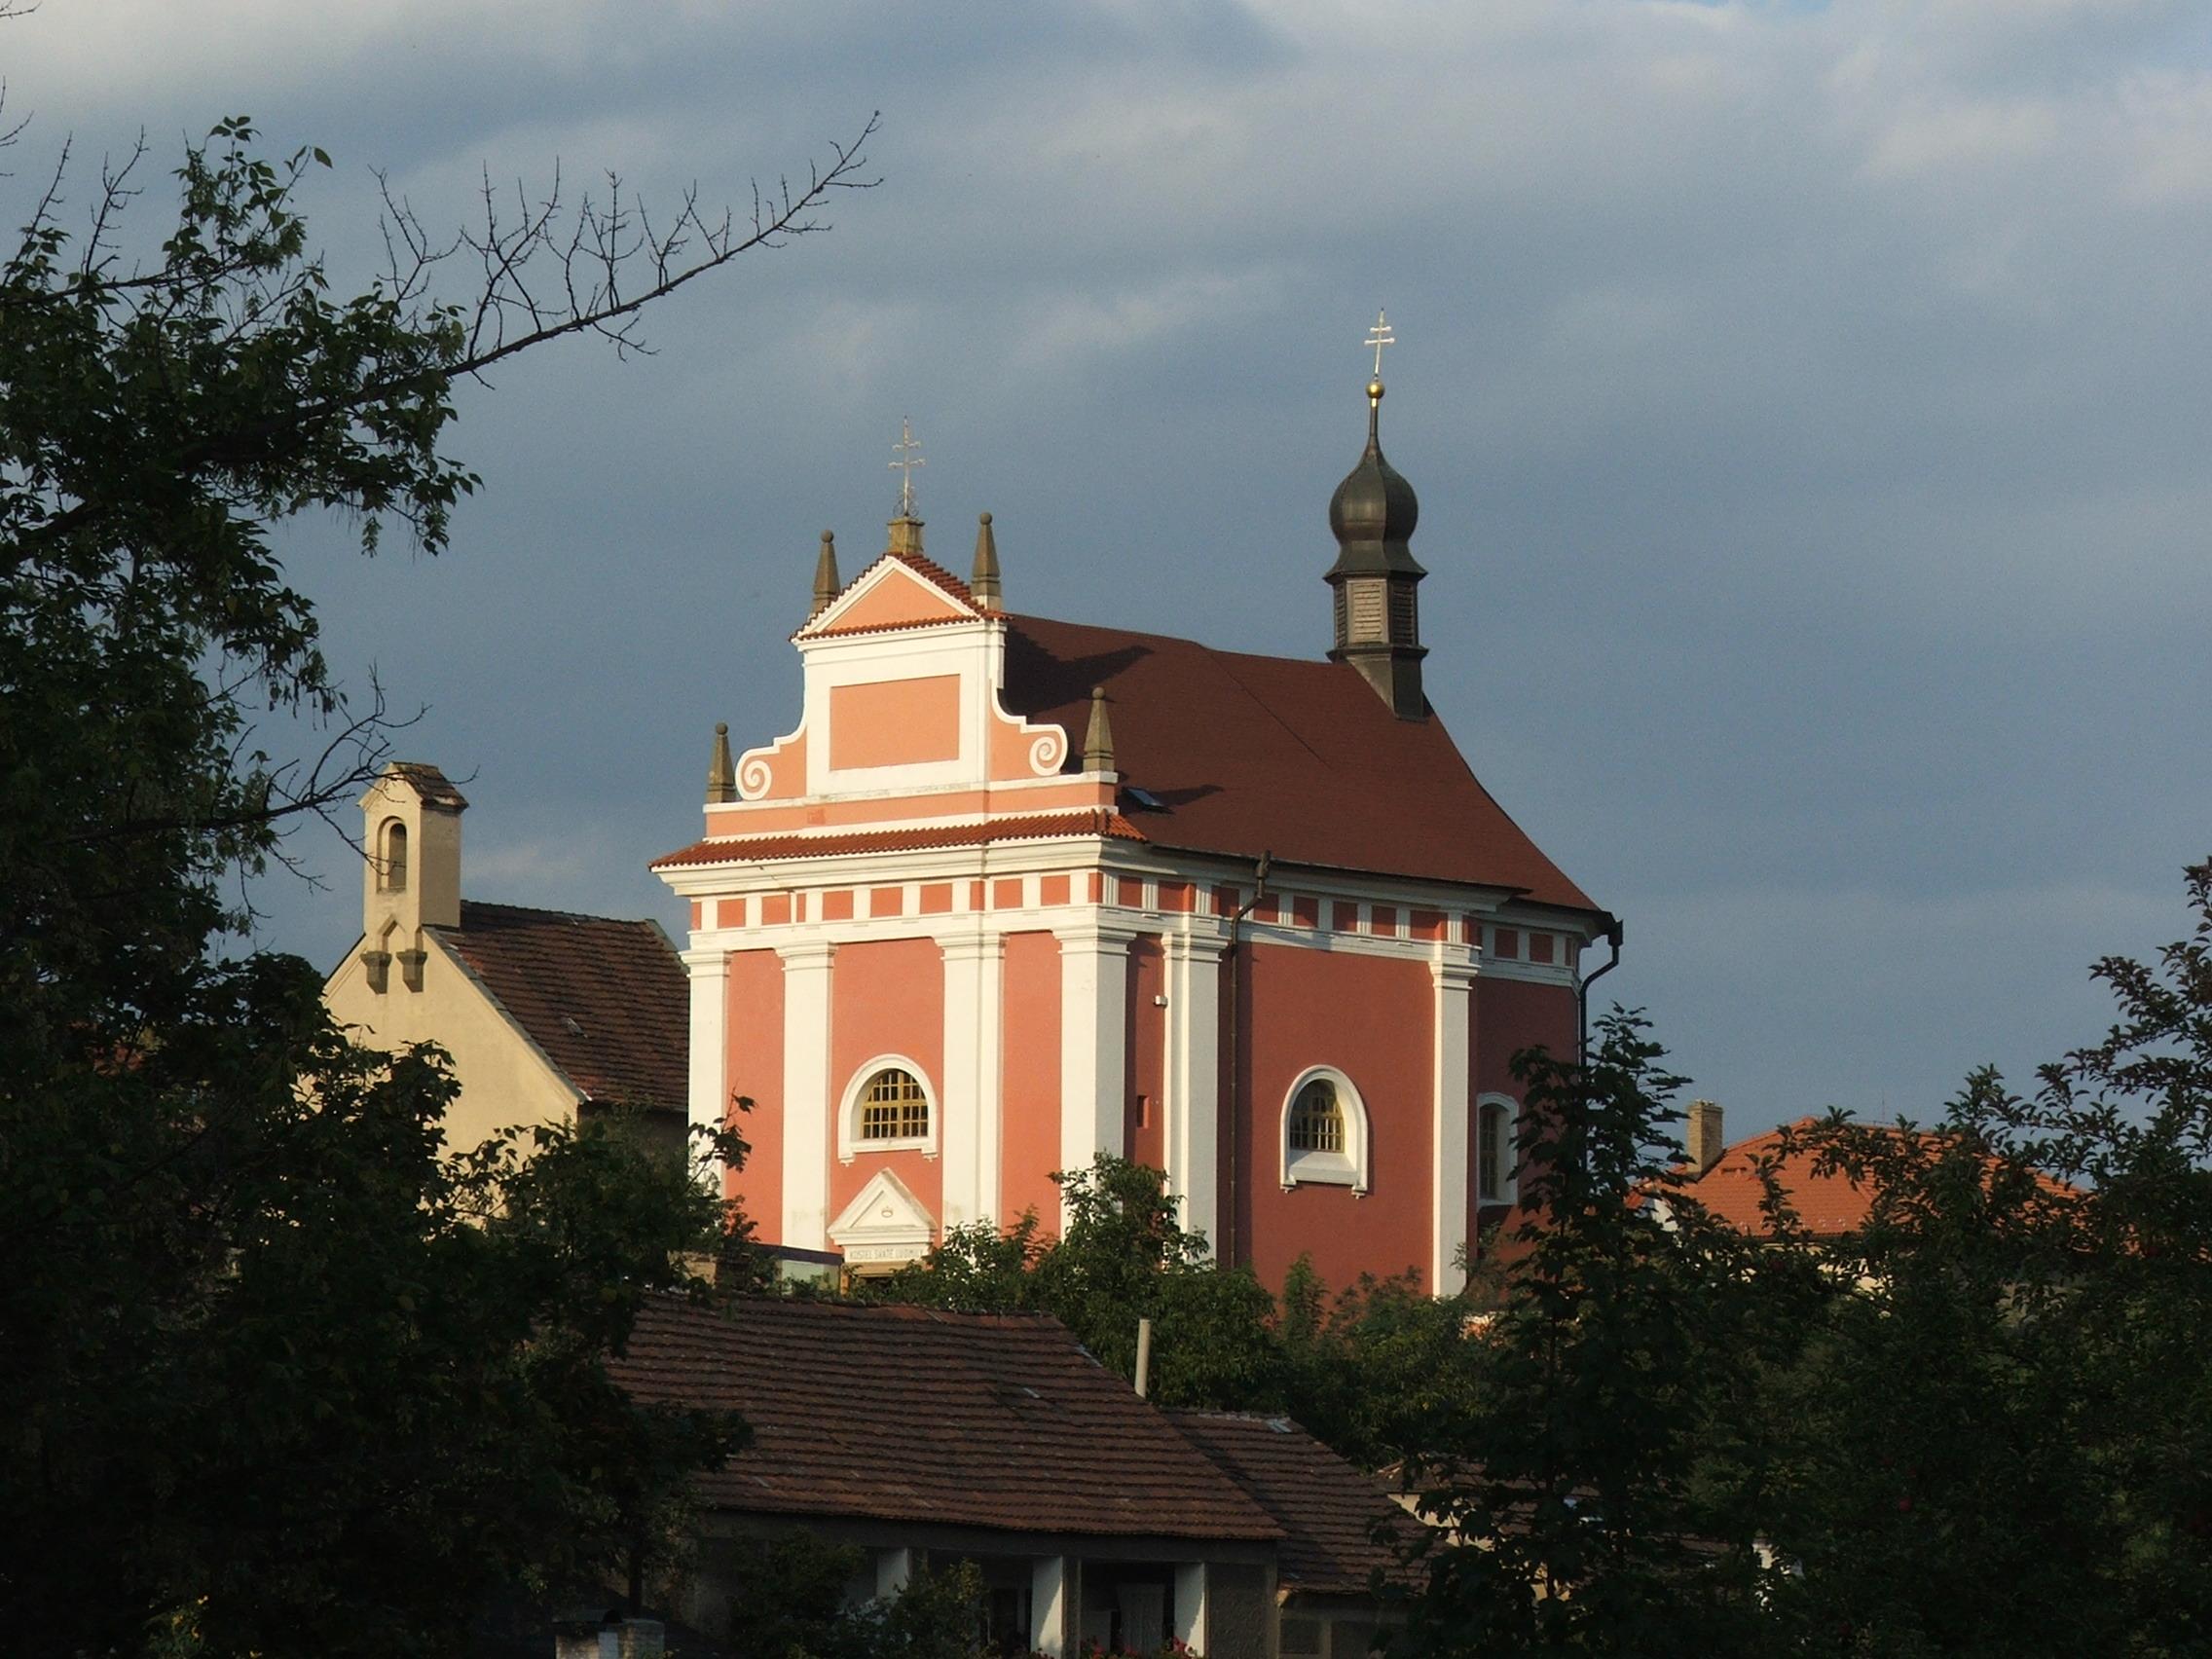 Výsledek obrázku pro tetín kostel